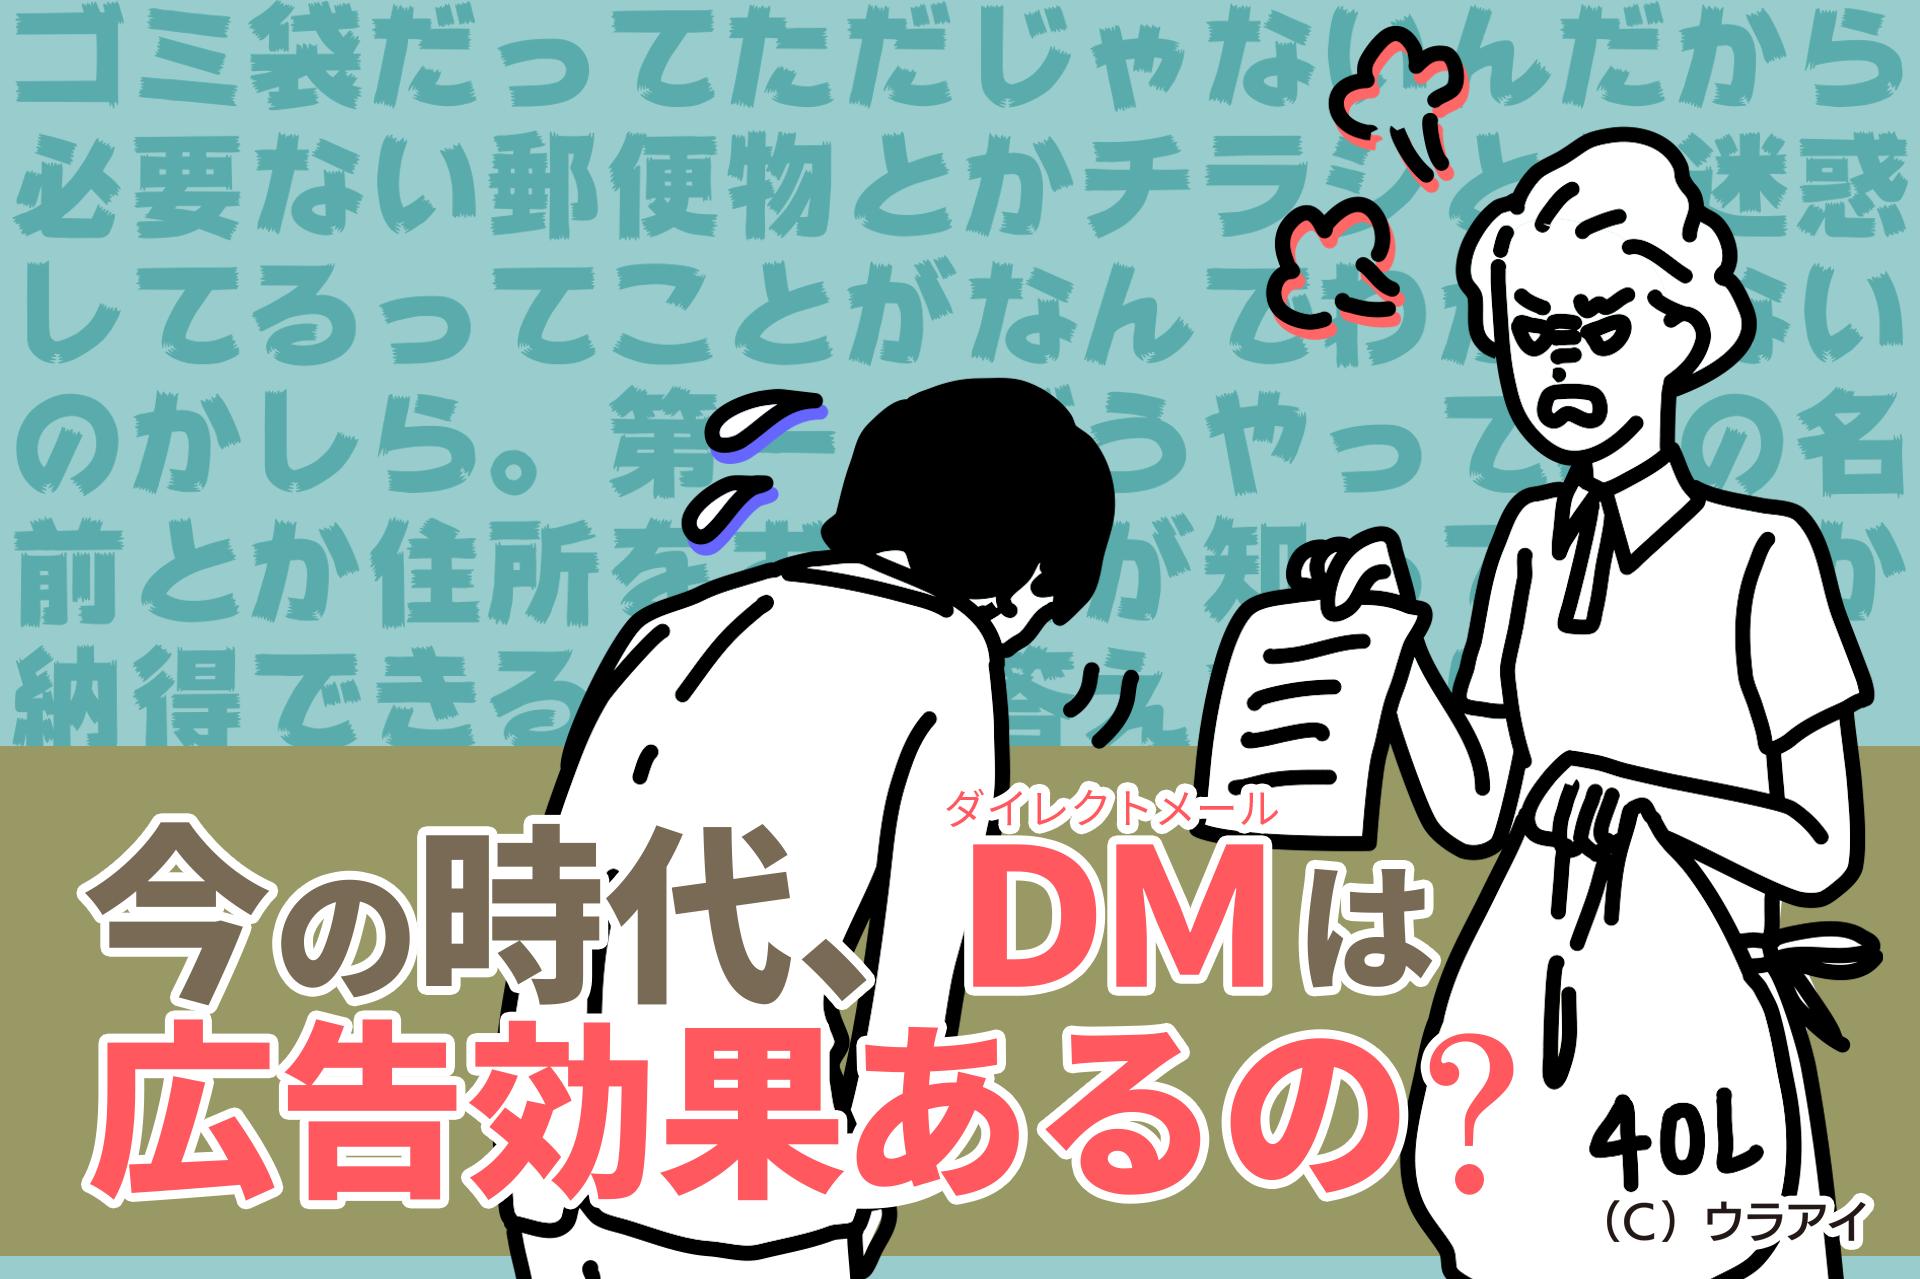 DMの広告効果